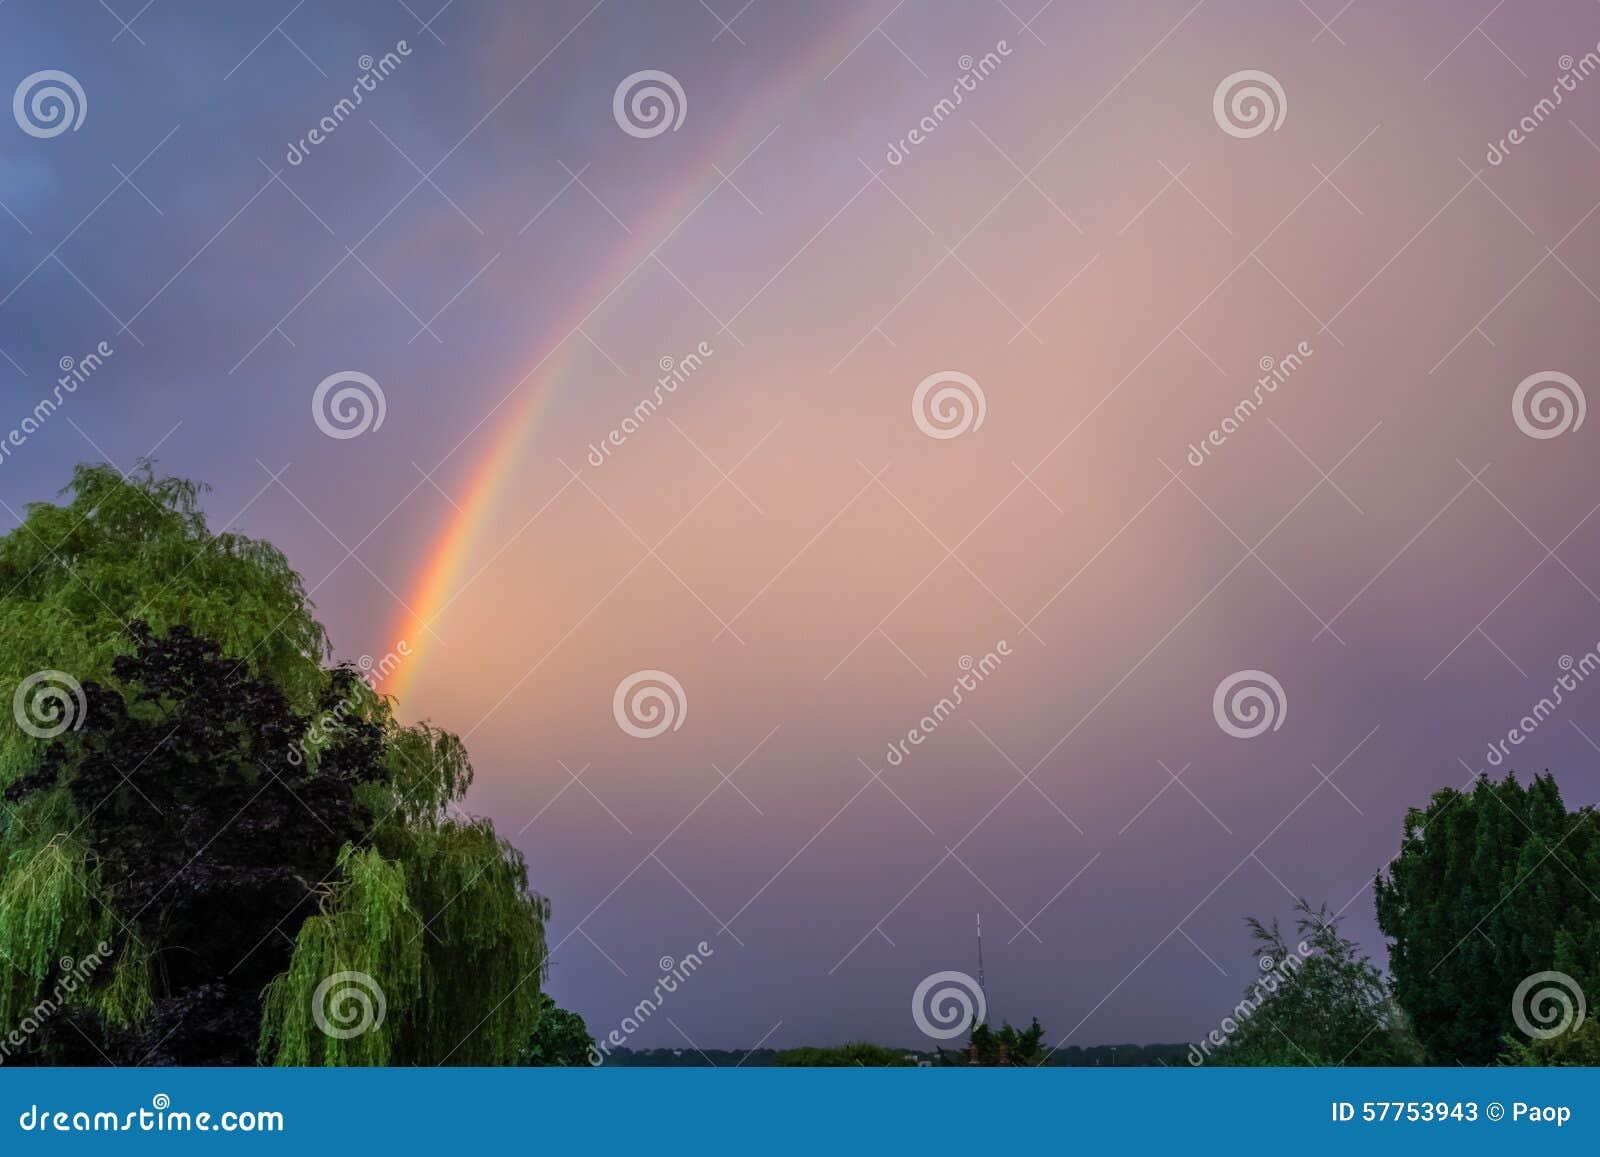 Israel Kamakawiwo'ole - Over the Rainbow Lyrics